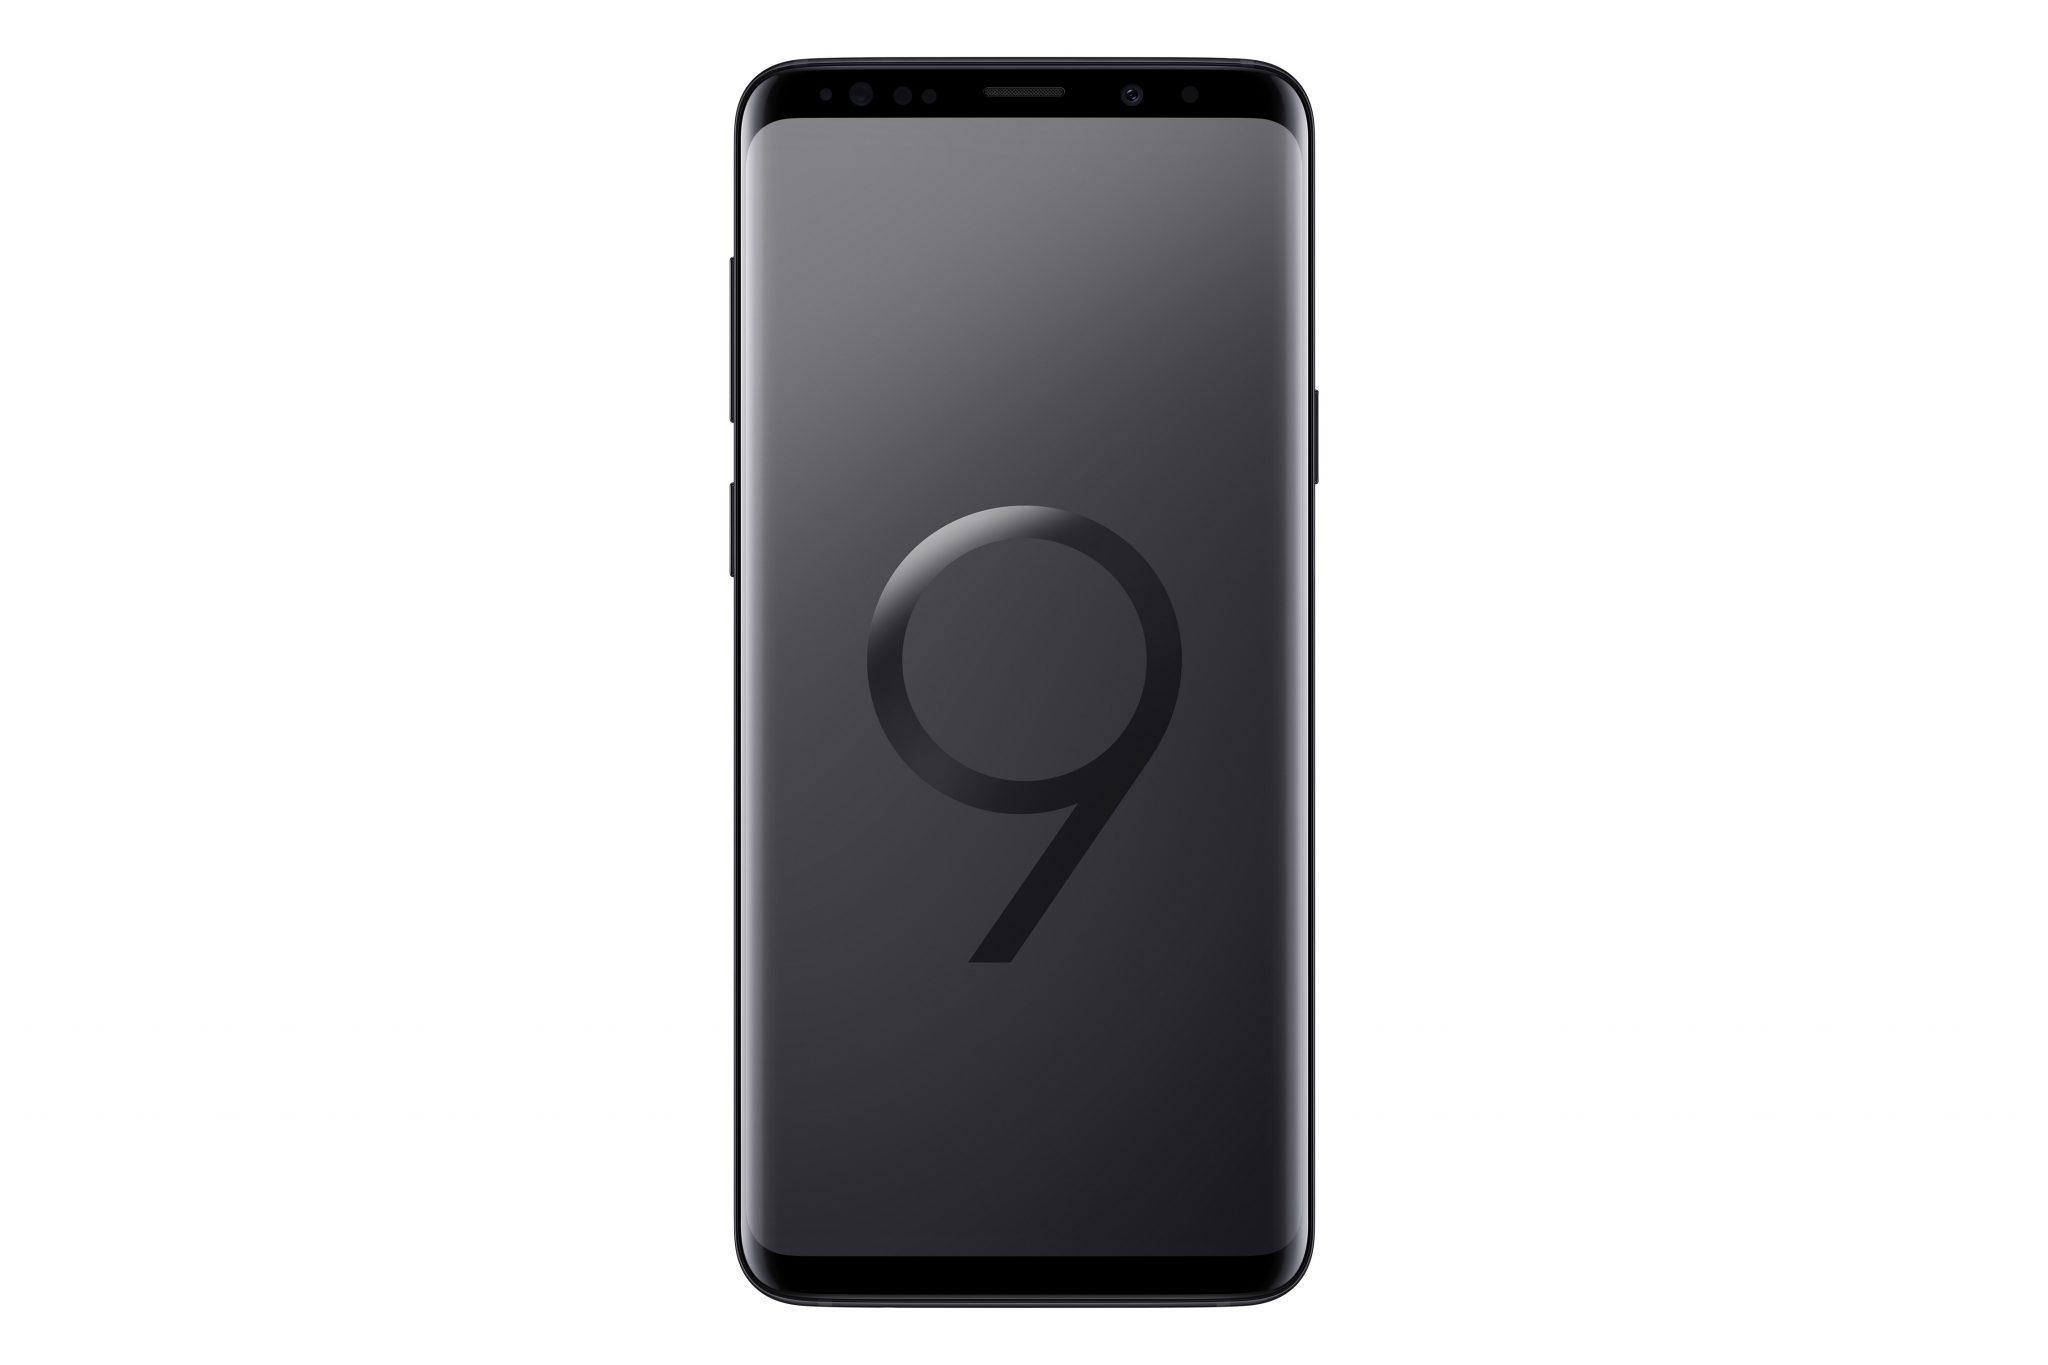 SM G965 GalaxyS9Plus Front Black 1 - SM_G965_GalaxyS9Plus_Front_Black